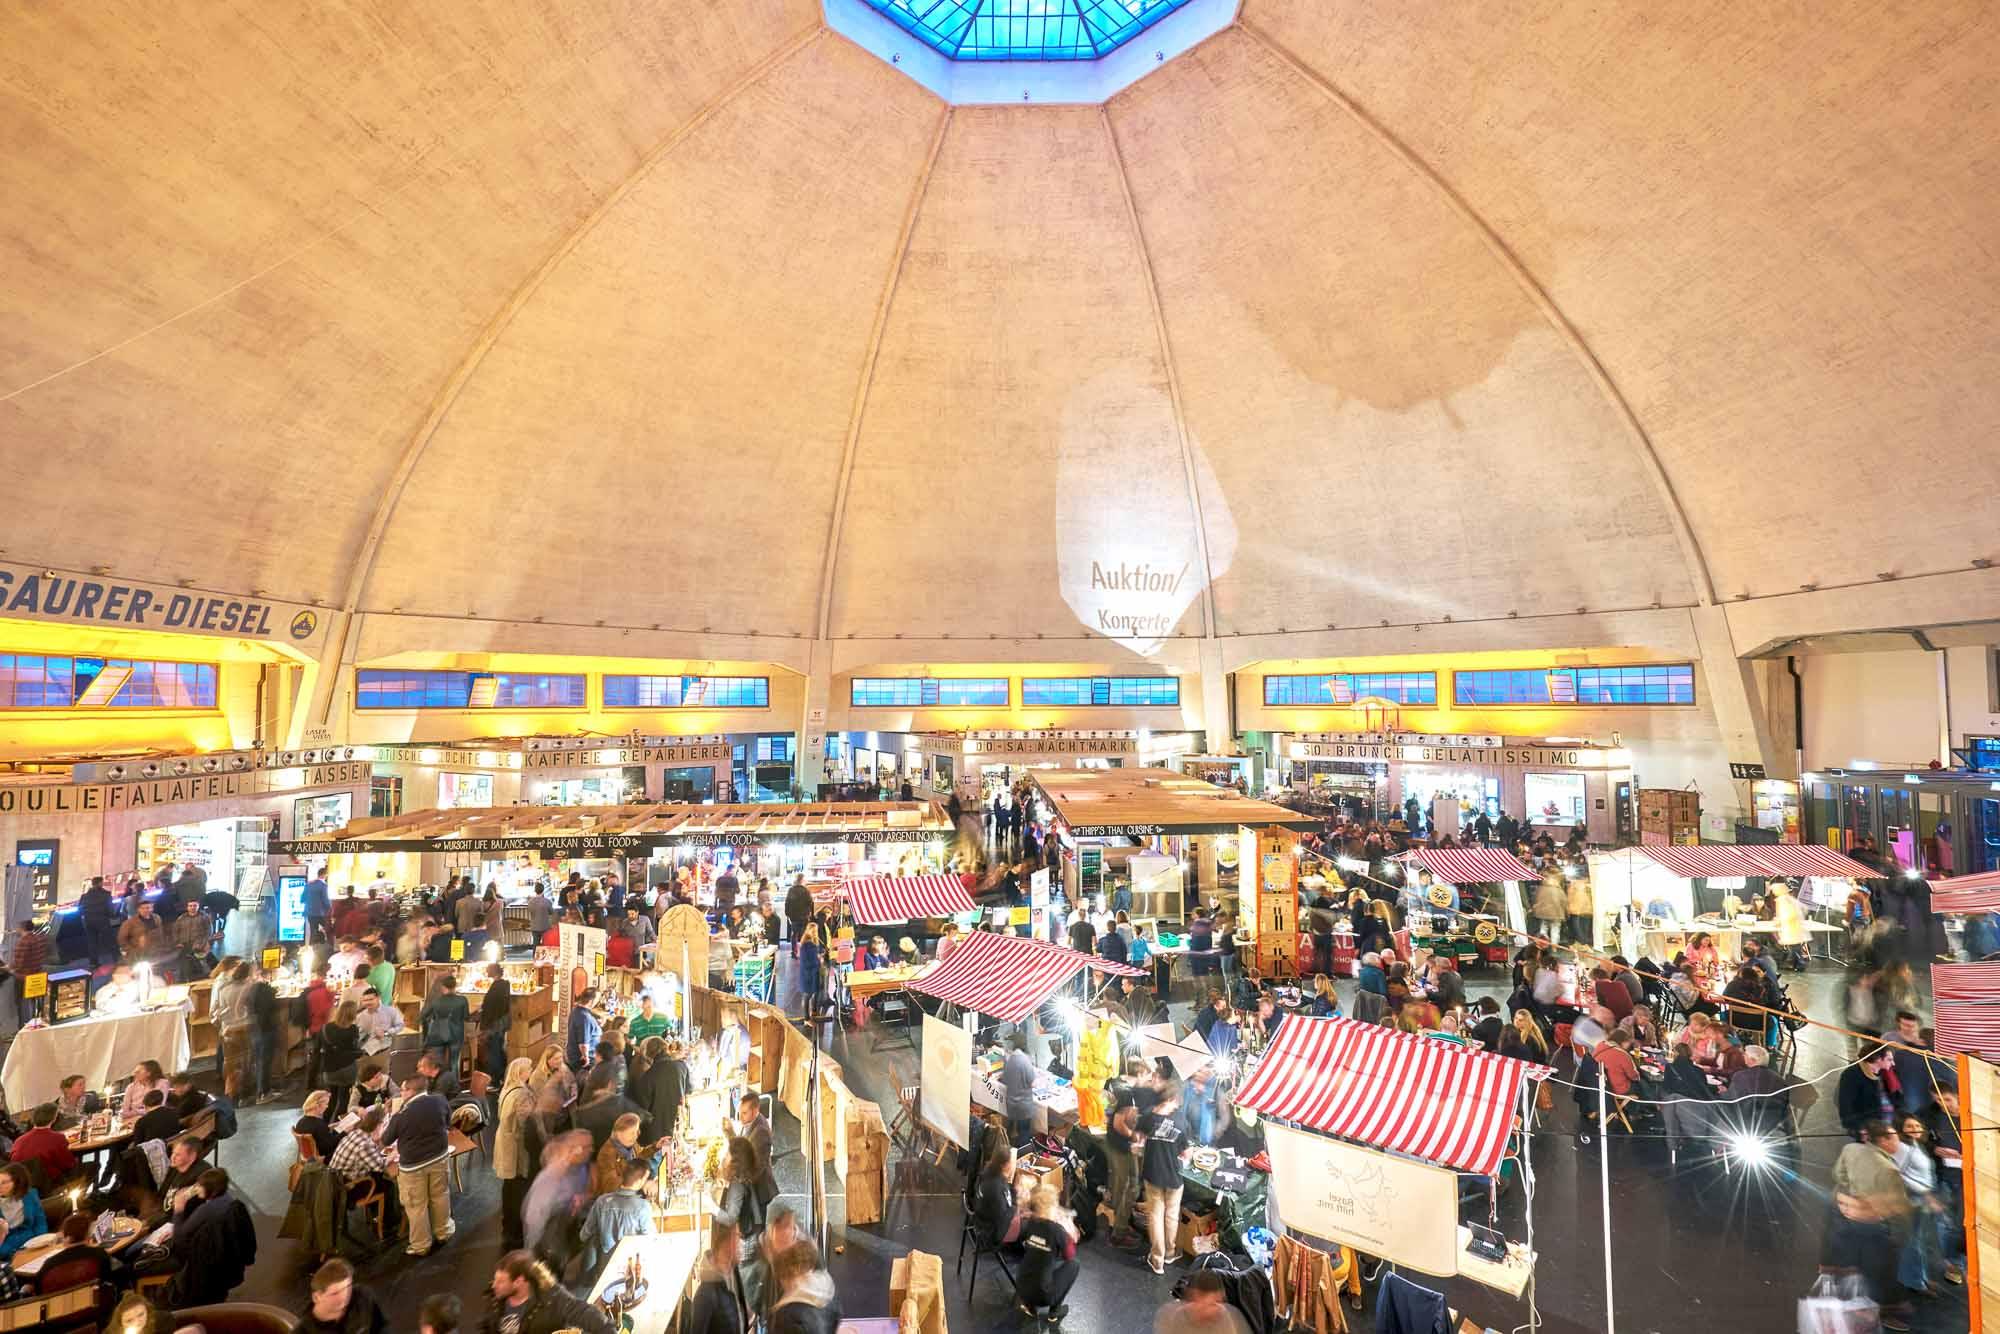 Markthalle Ob in Berlin oder Basel: die Maryon-Stiftung hilft Initiativen Begegnungsräume zu entwickeln. Hier die neue, alte Markthalle im Basler Zentrum.